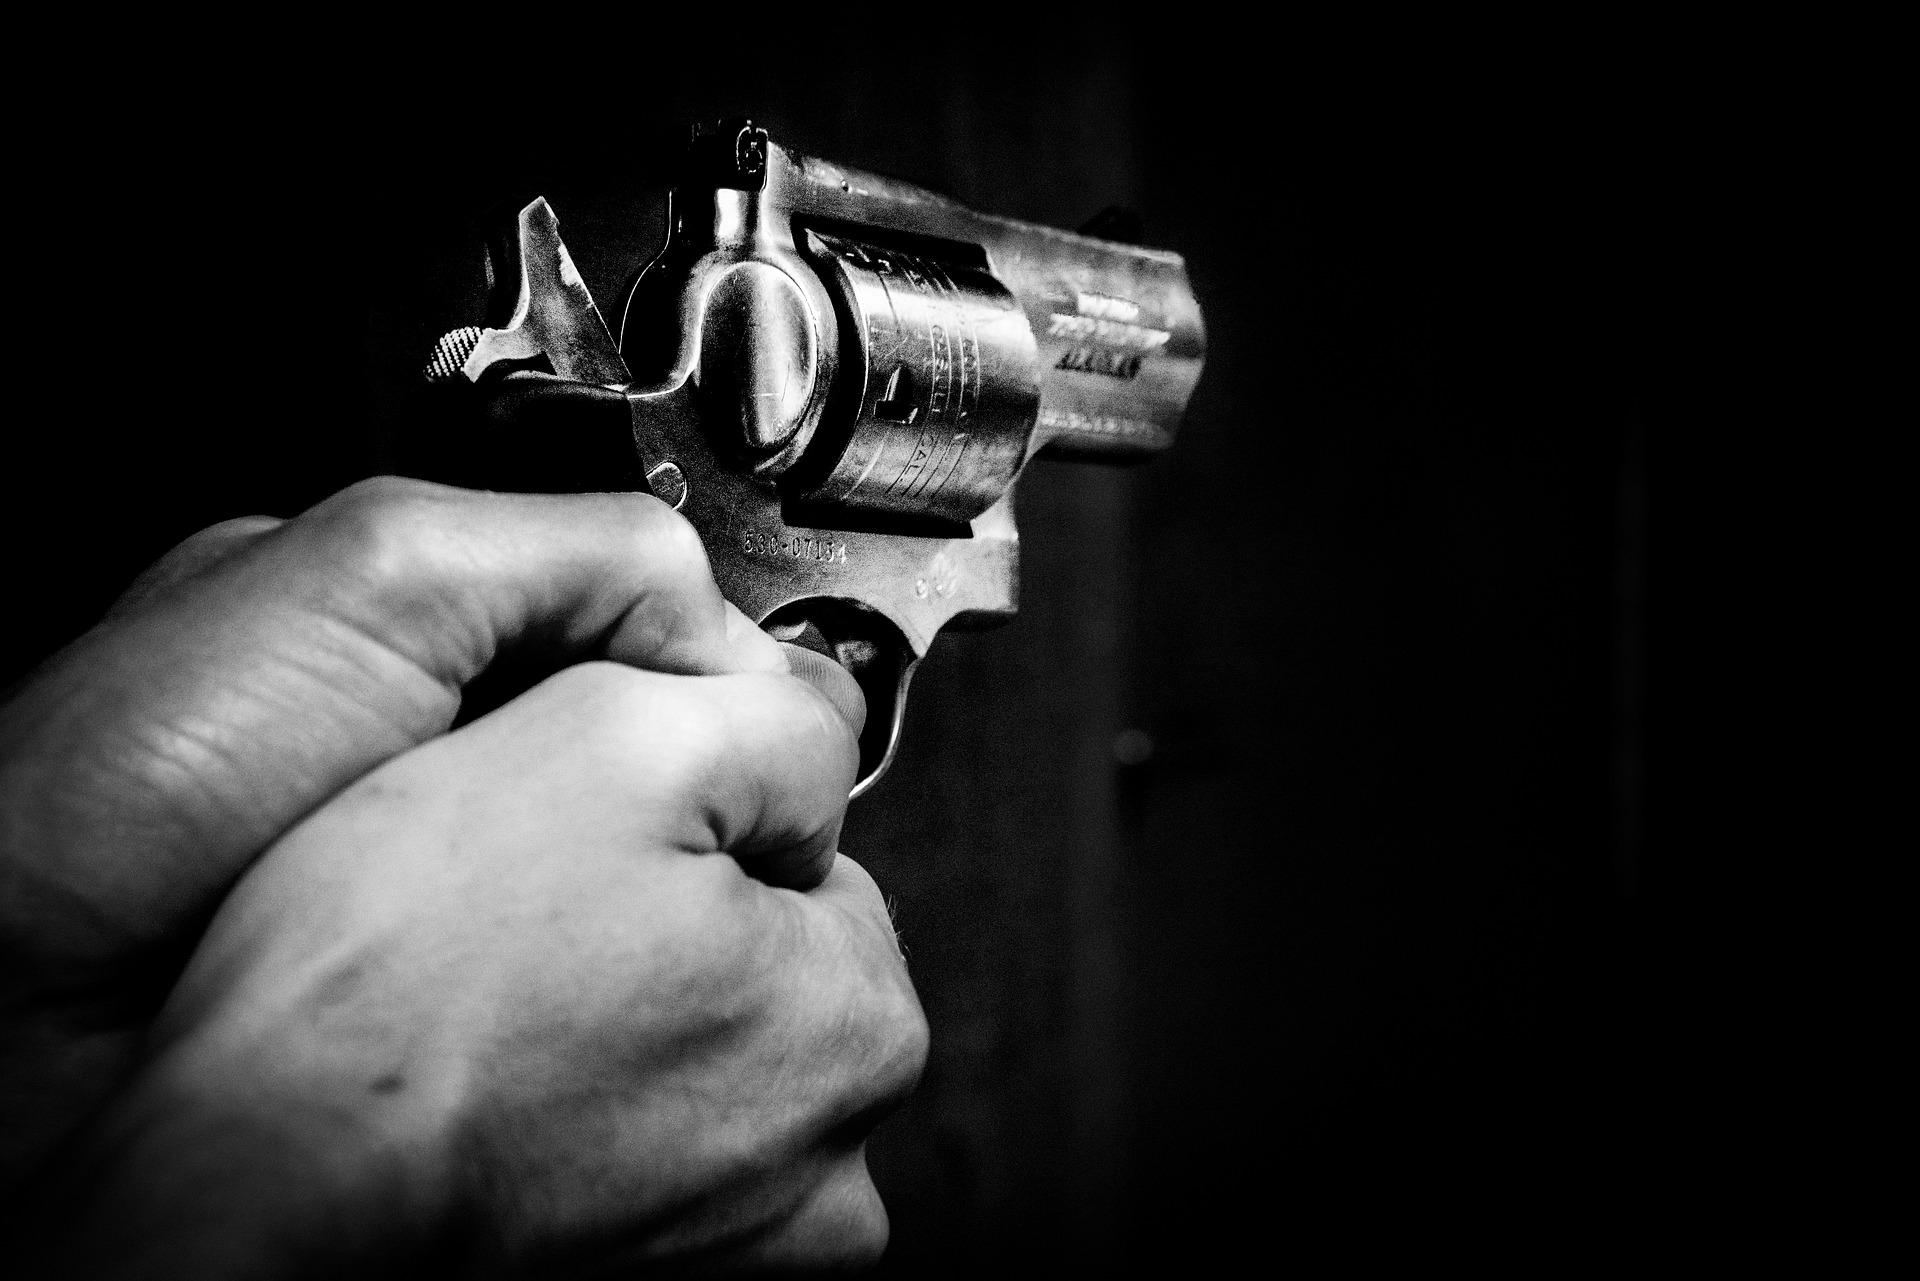 Mann von selbstgebauter Einbrecher-Falle erschossen